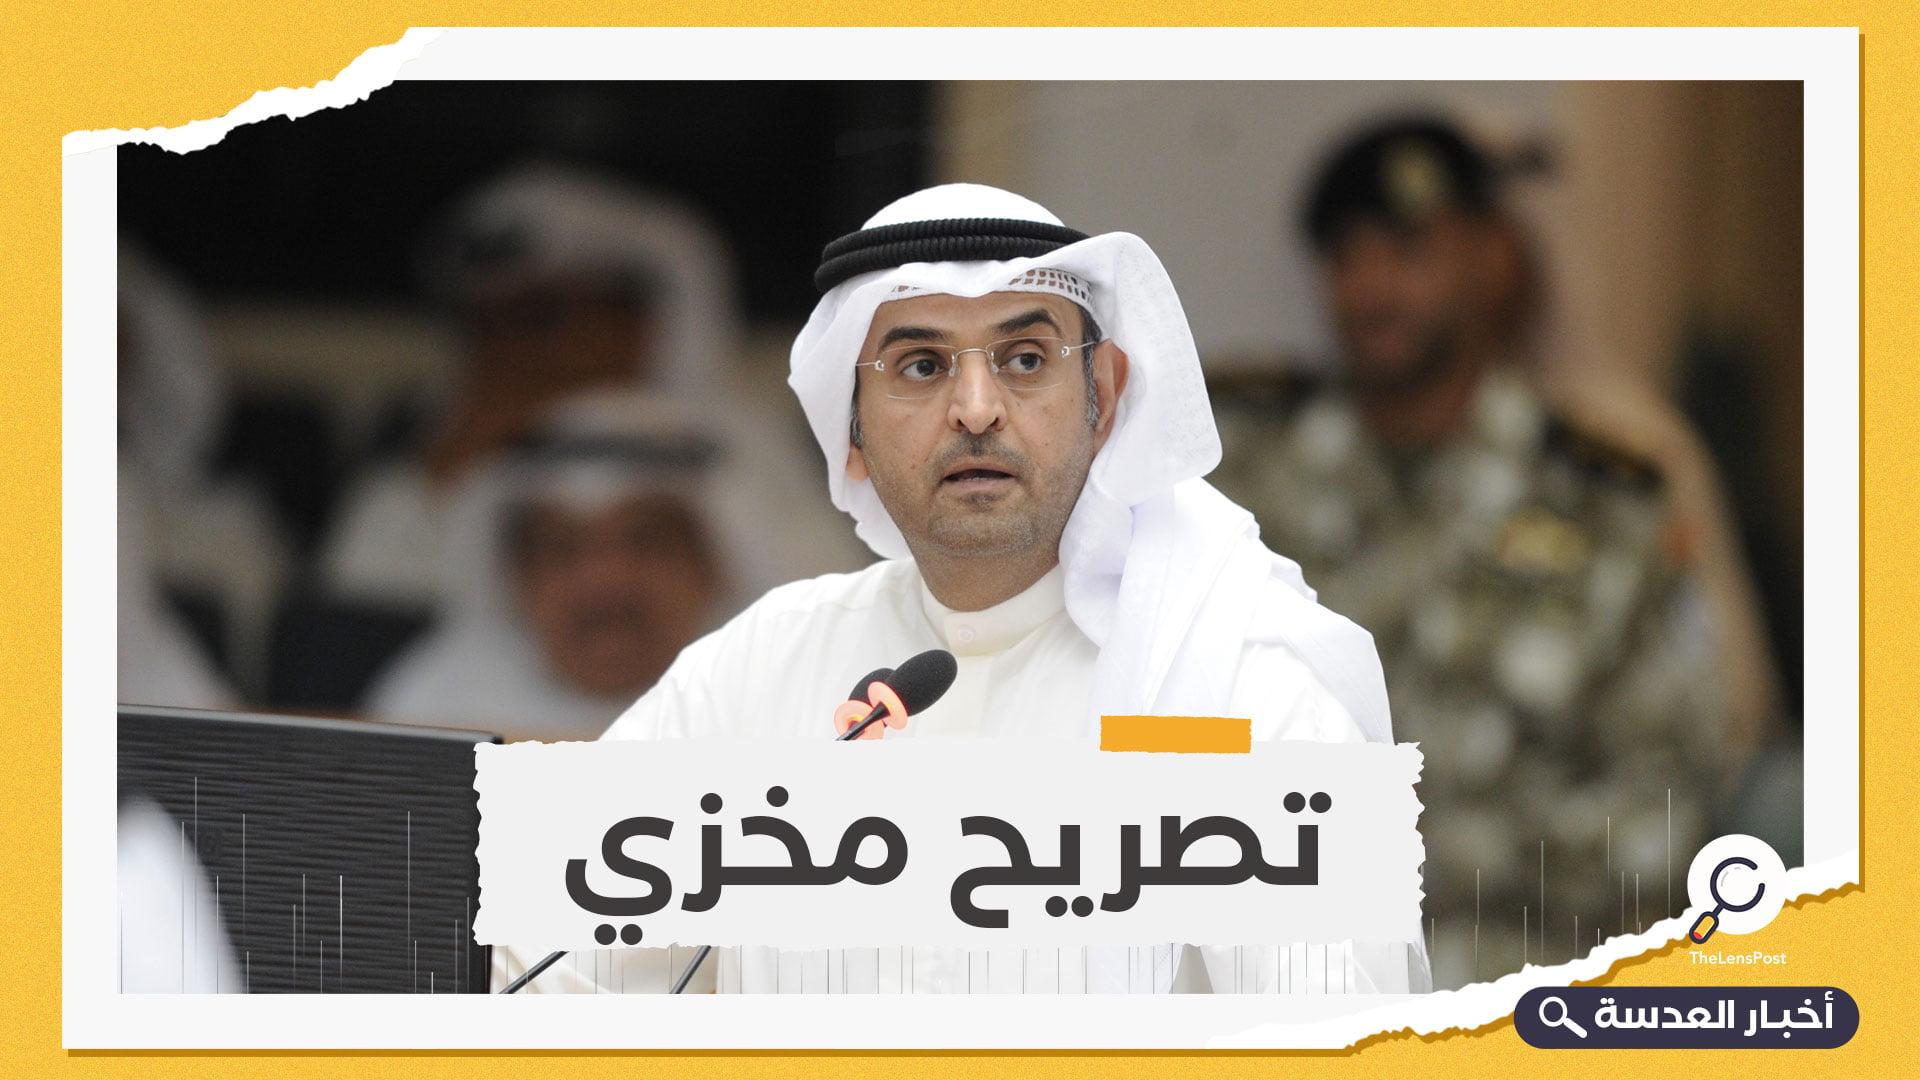 سقطة جديدة.. أمين التعاون الخليجي يحتفي بالتطبيع مع إسرائيل ويؤكد أنه محل كل تقدير